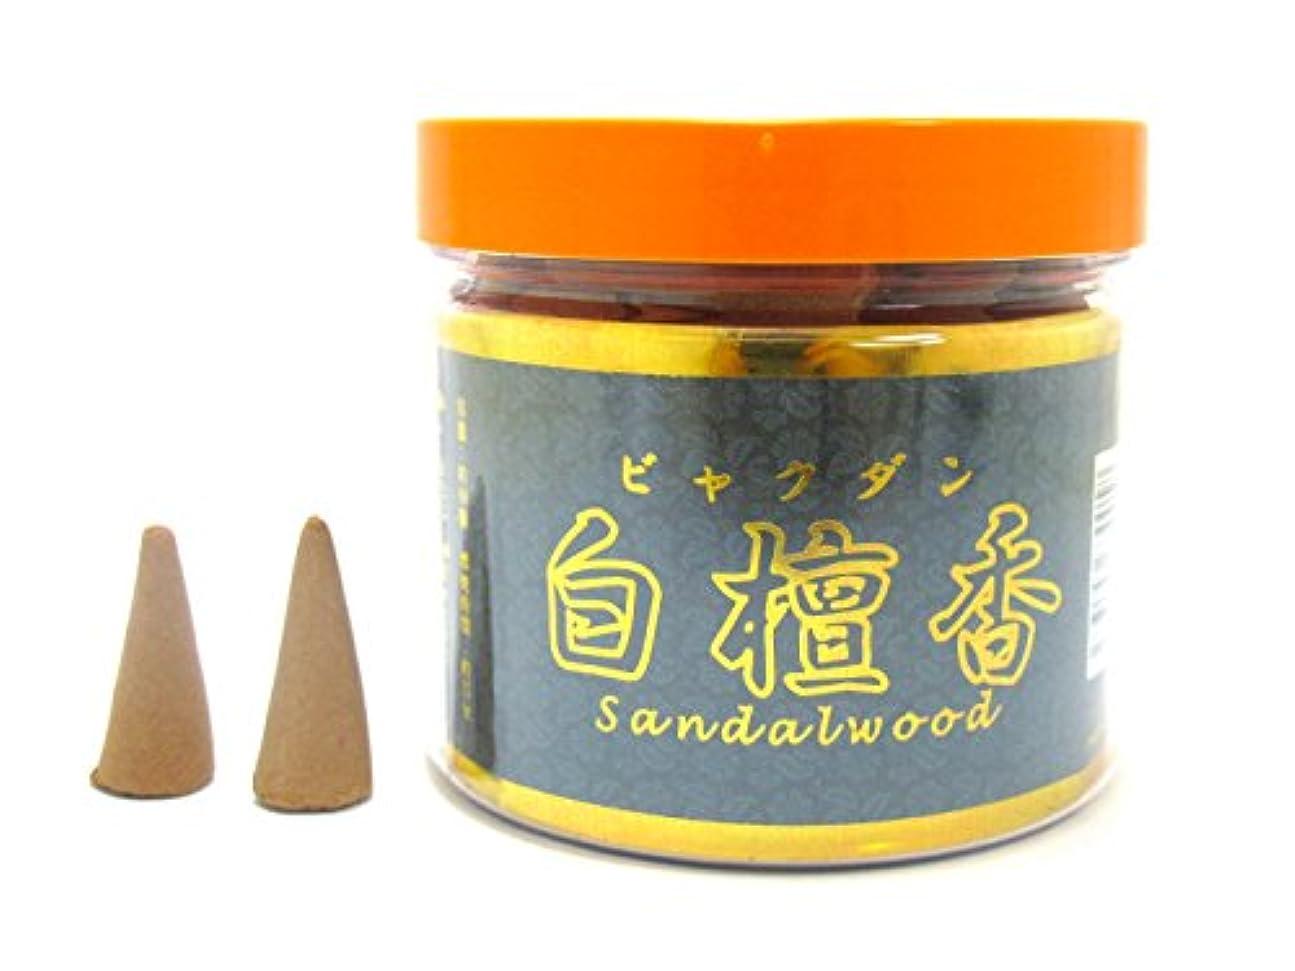 解説広大なセットアップお香 白檀香 sandalwood 三角香 コーン 約80個入り KO-006